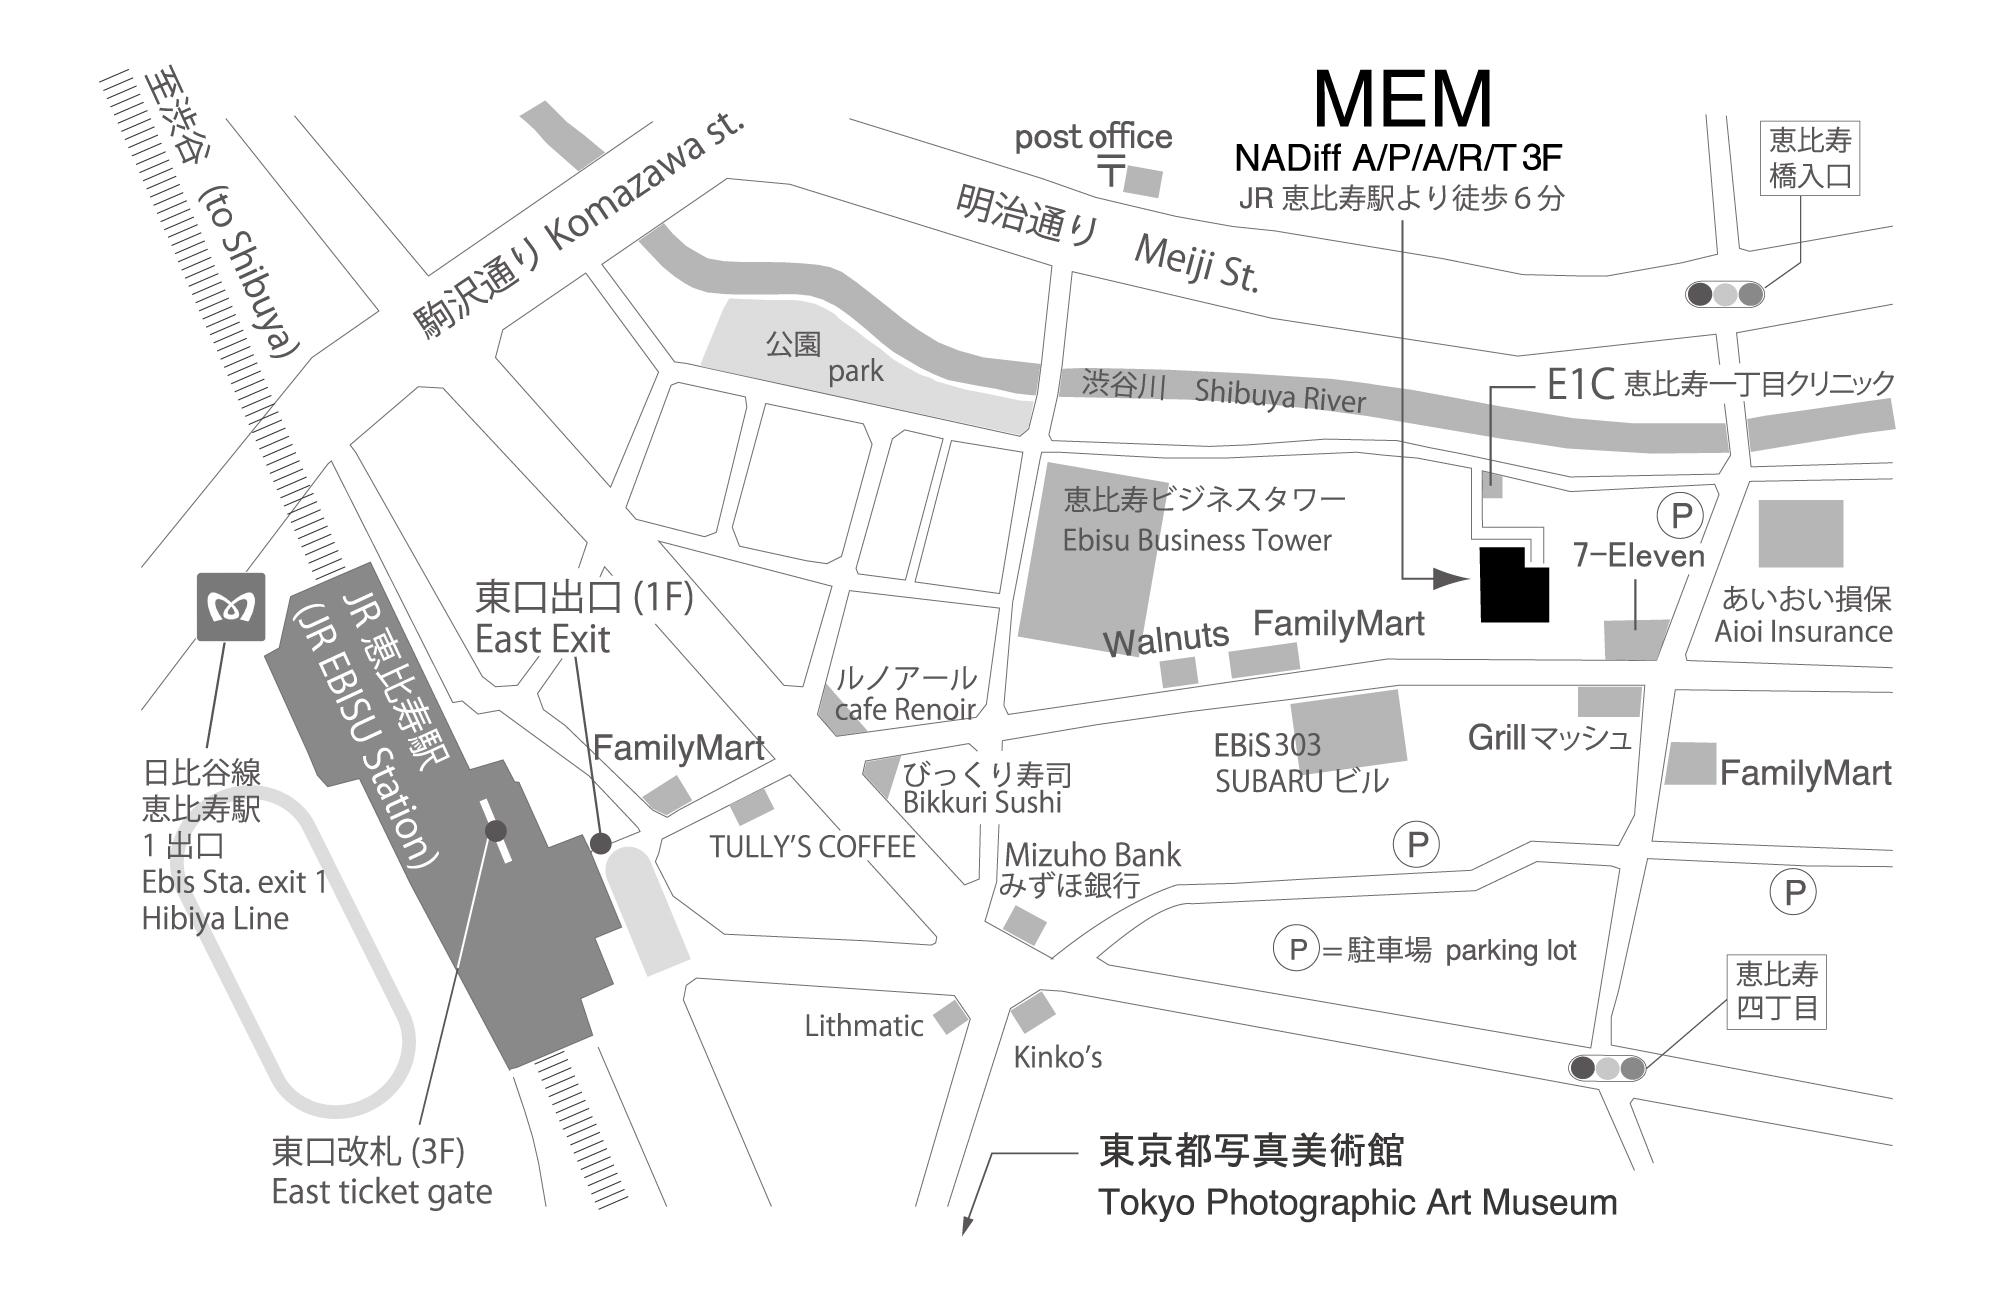 MEMmap